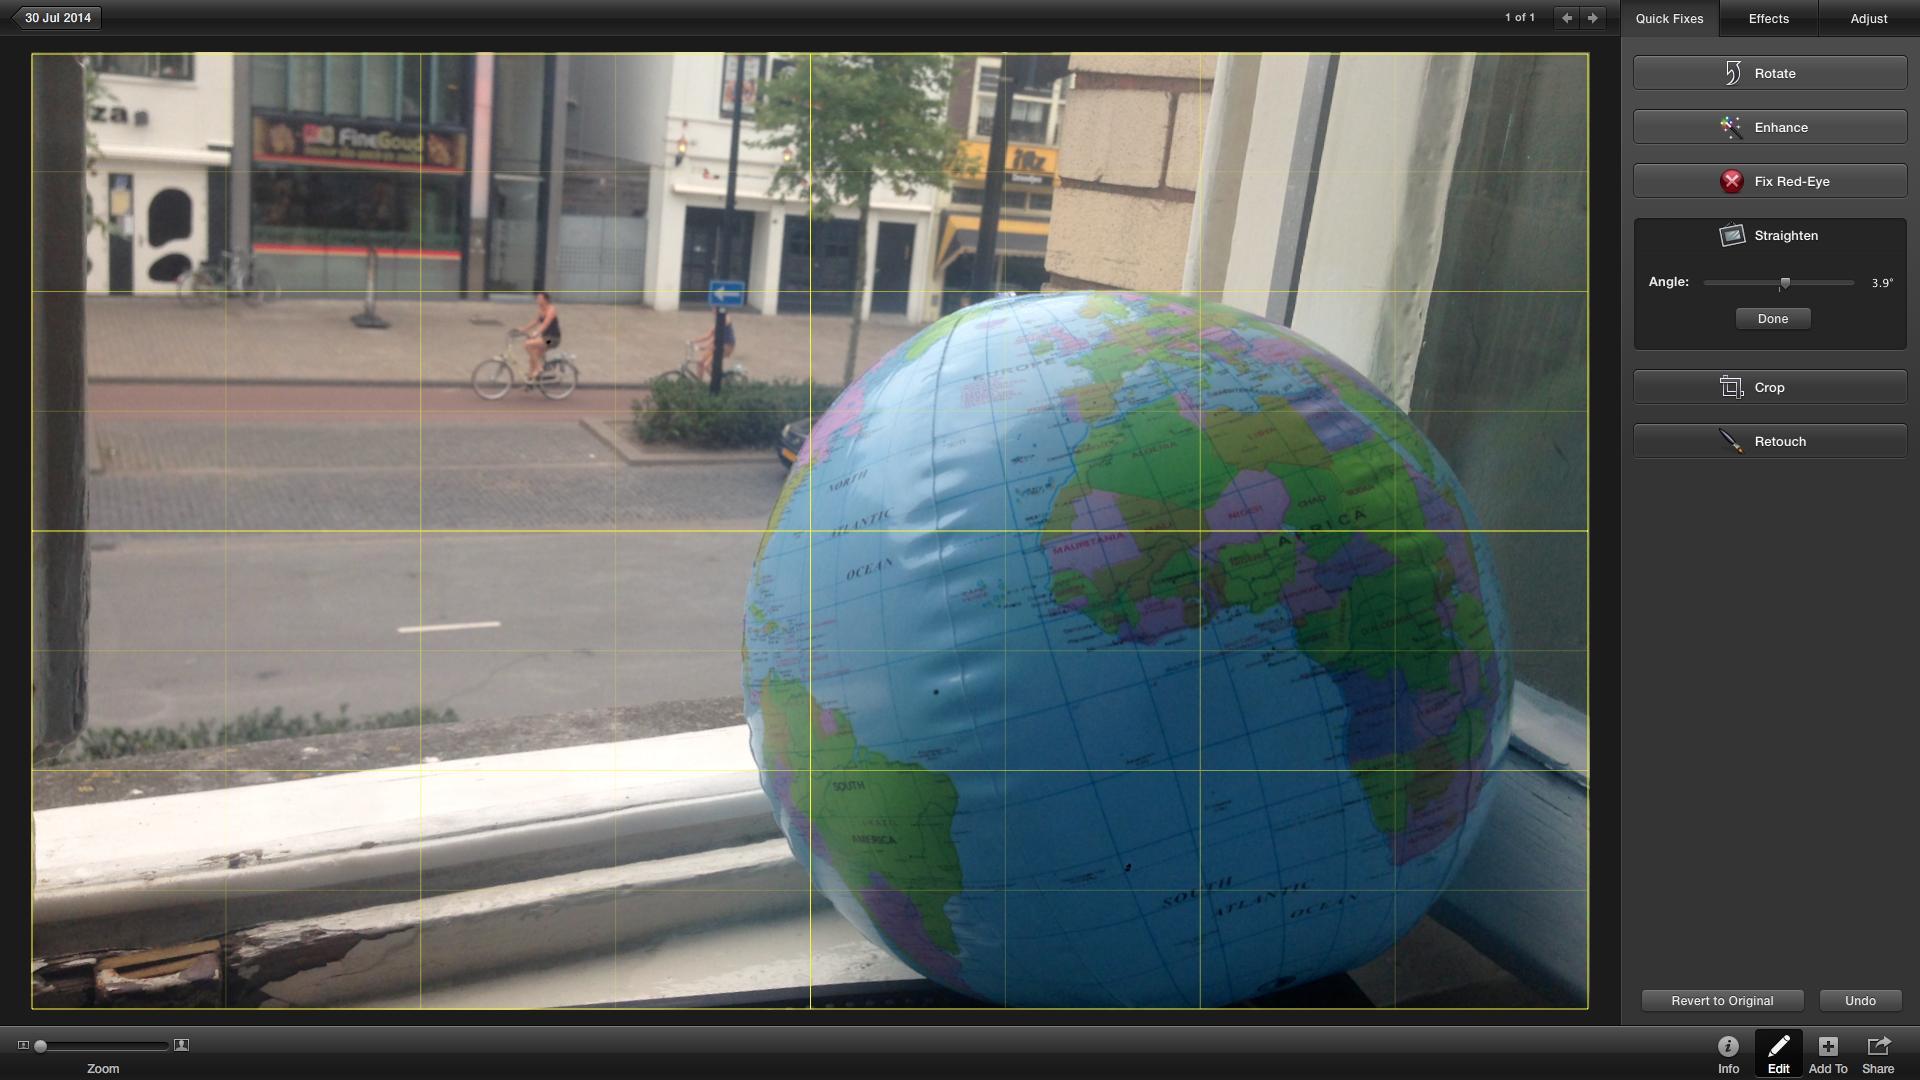 Screen Shot 2014-07-30 at 13.48.11